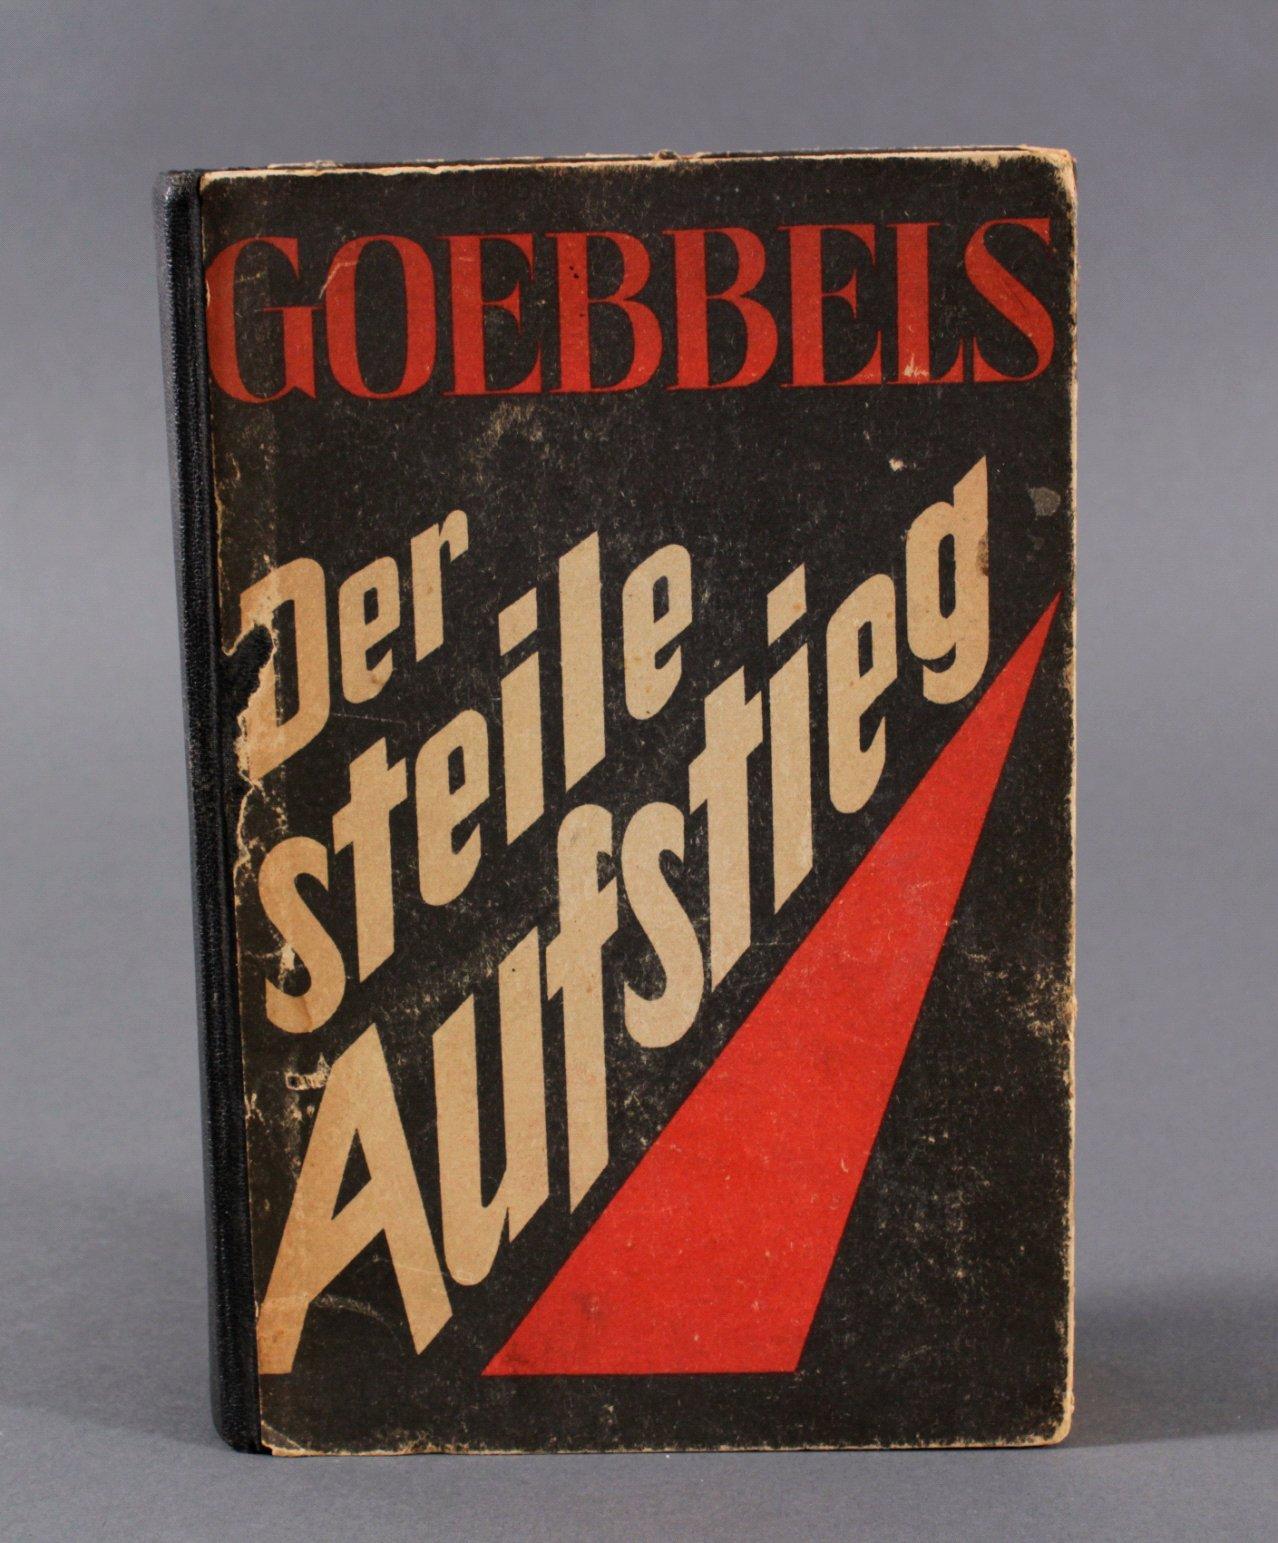 Joseph Goebbels, Der steile Aufstieg